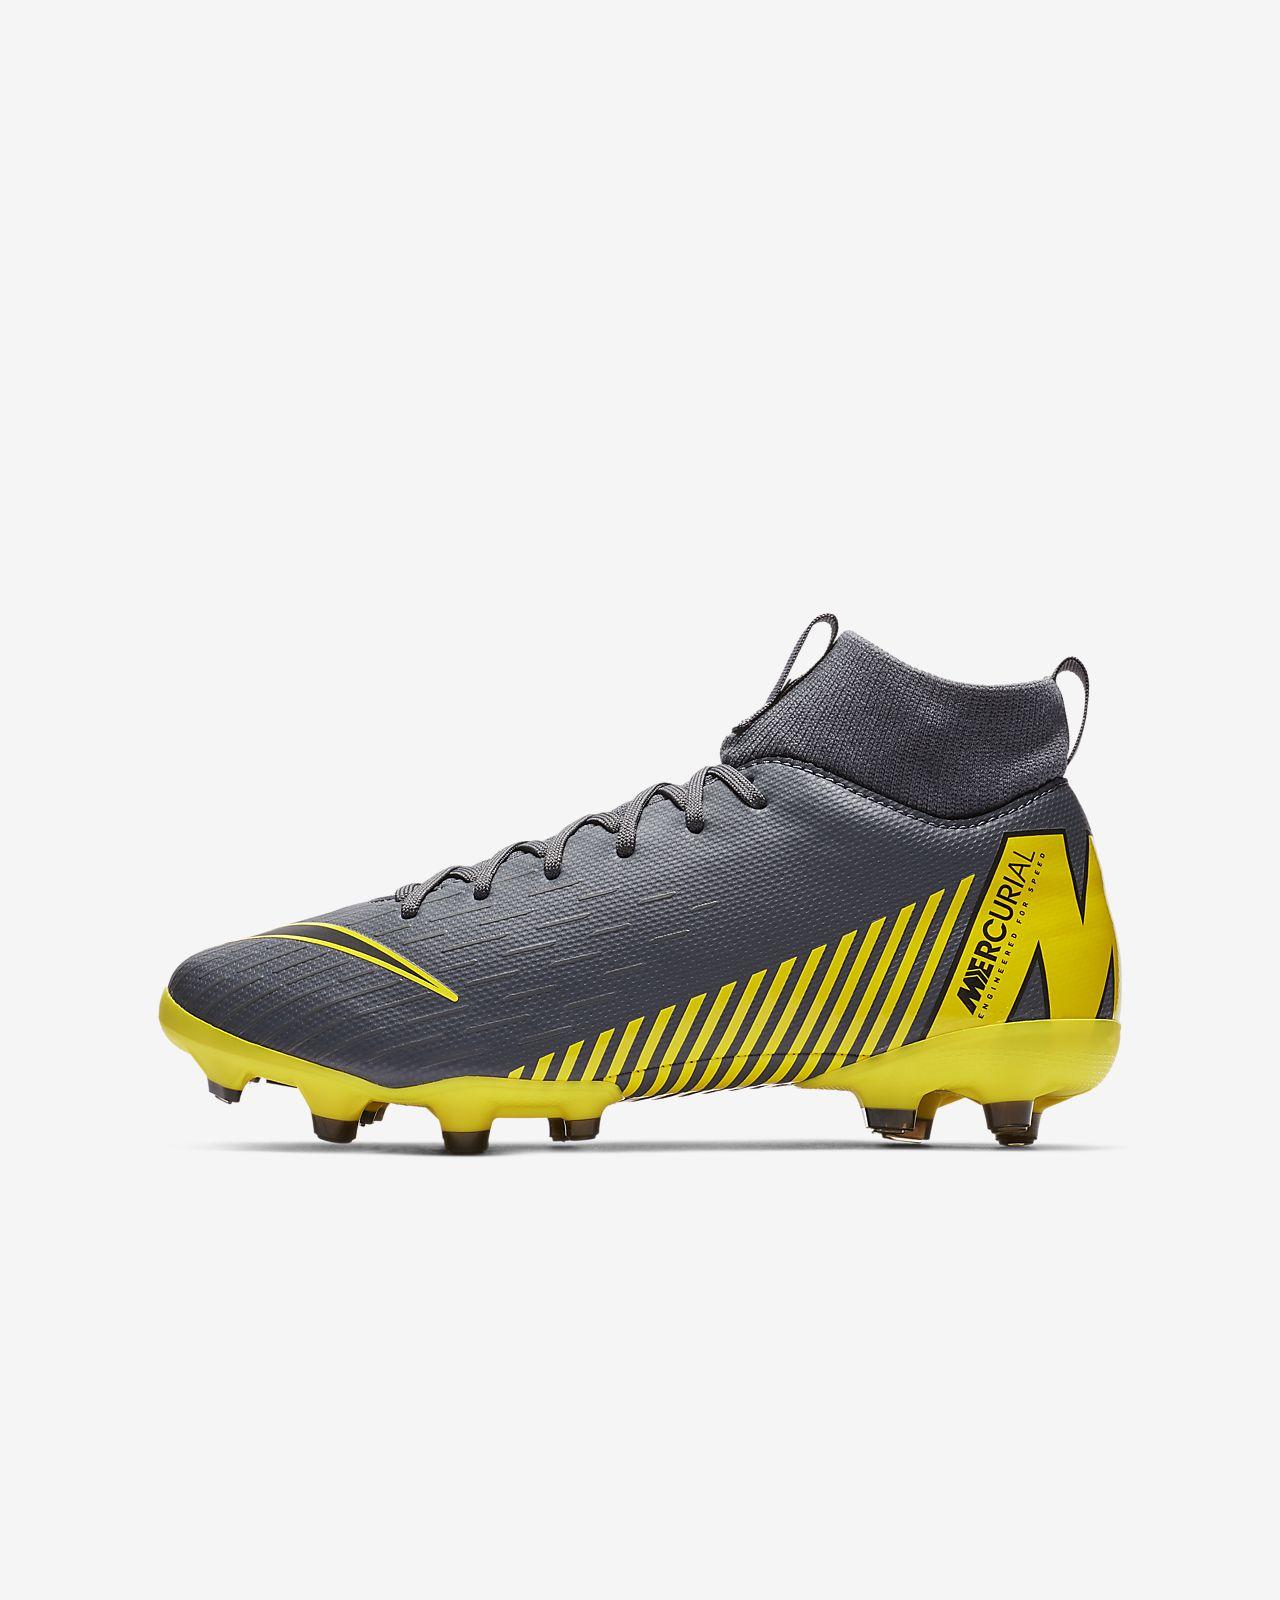 Nike Jr. Superfly 6 Academy MG Game Over többféle talajra készült  futballcipő gyerekeknek nagyobb f327f7d52e